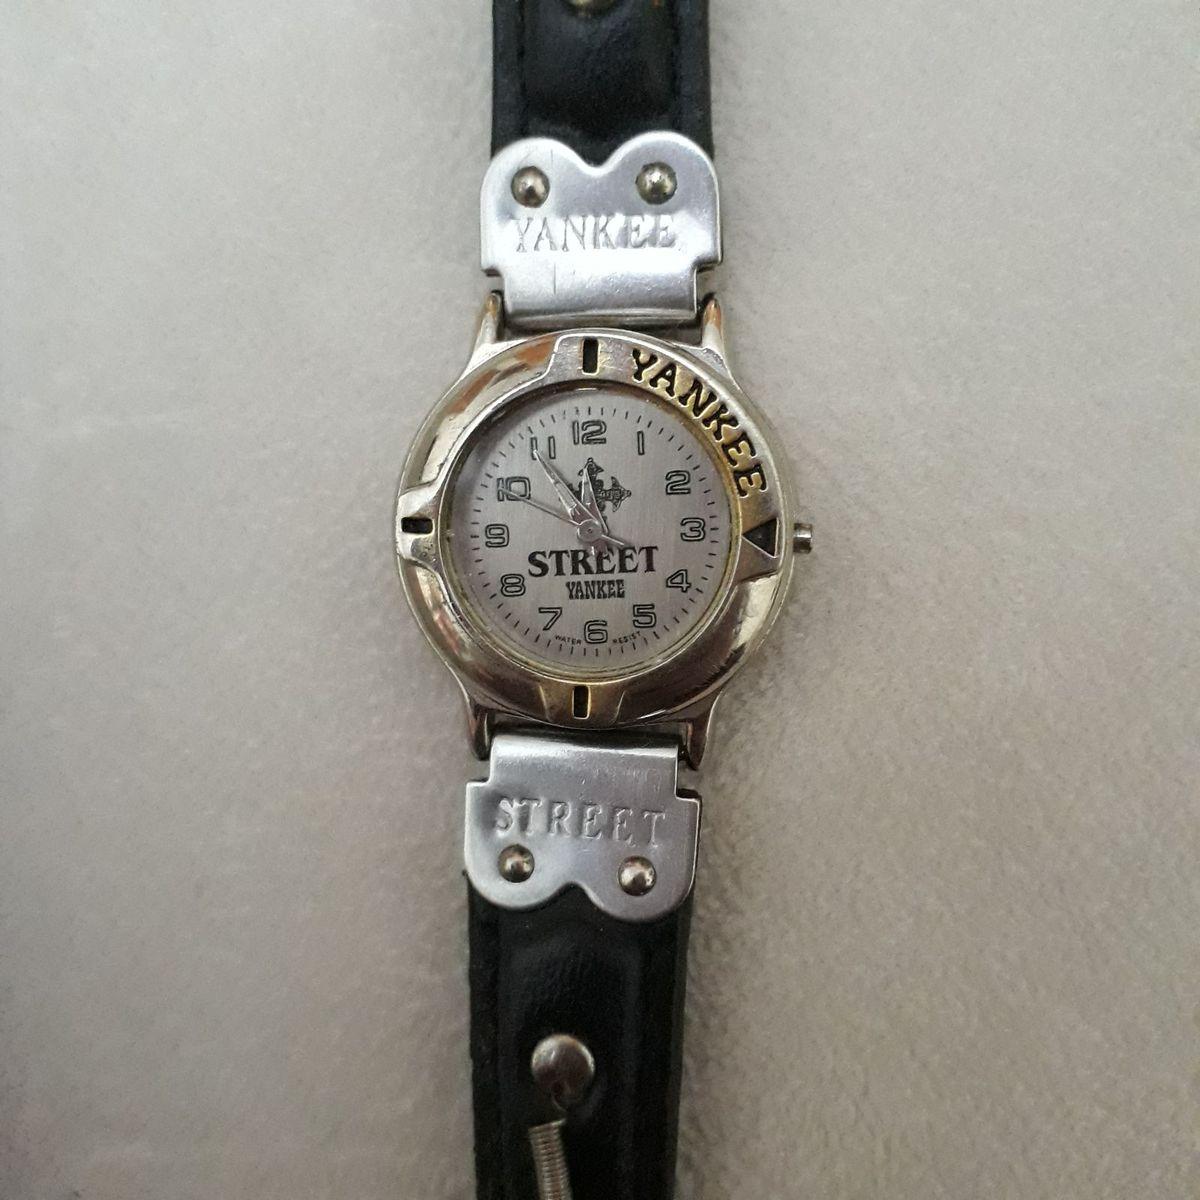 1c34ac1fa9c Relógio Feminino Yakee Street Antigo Década de 90 Prateado Pulseira Preta